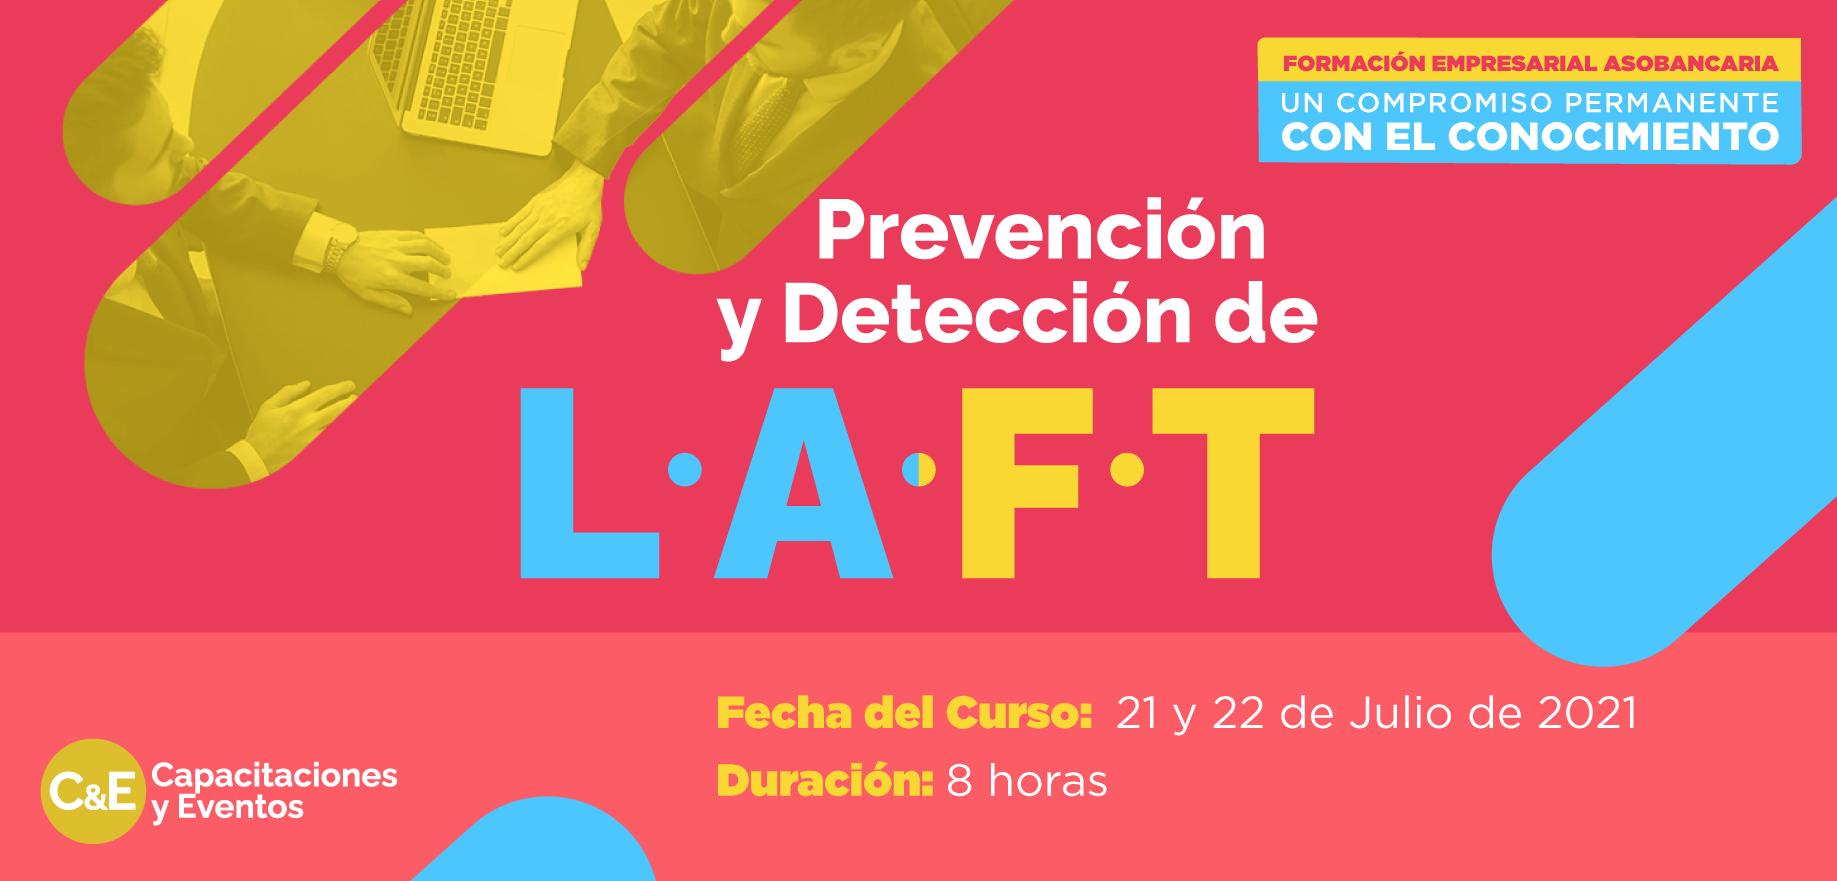 Capacitación Prevención y detección de LAFT Asobancaria